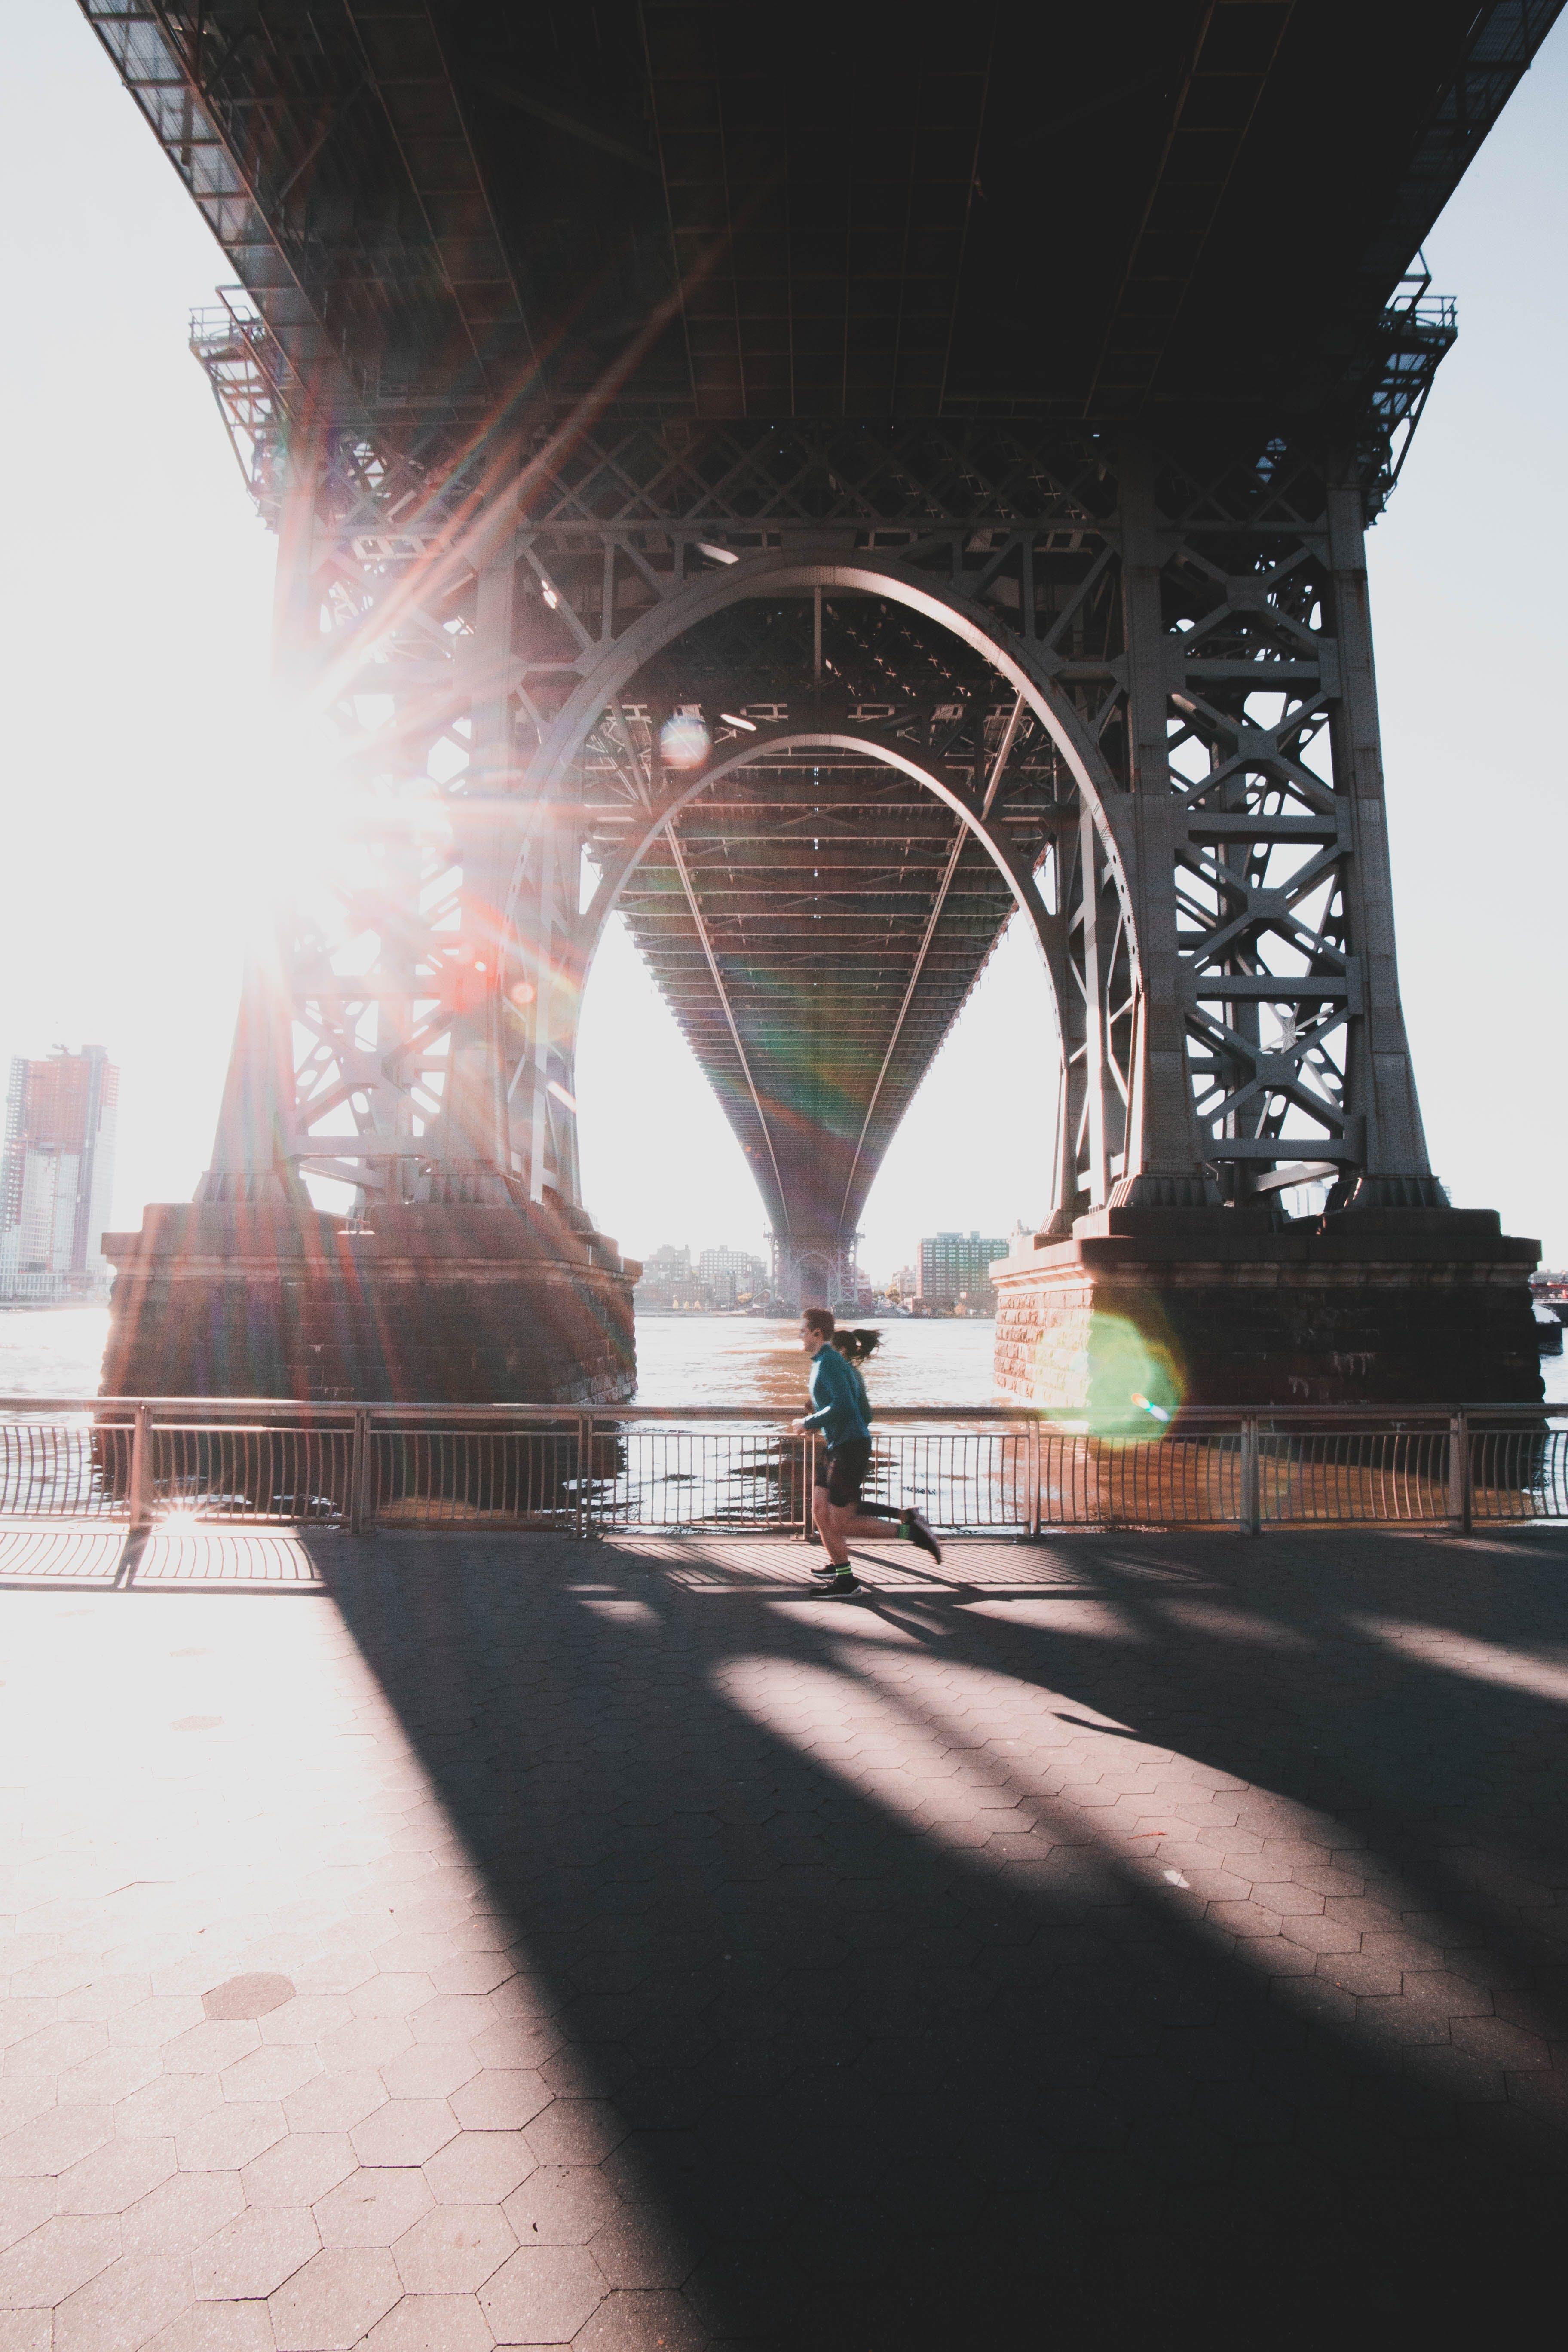 Man Running Under the Bridge